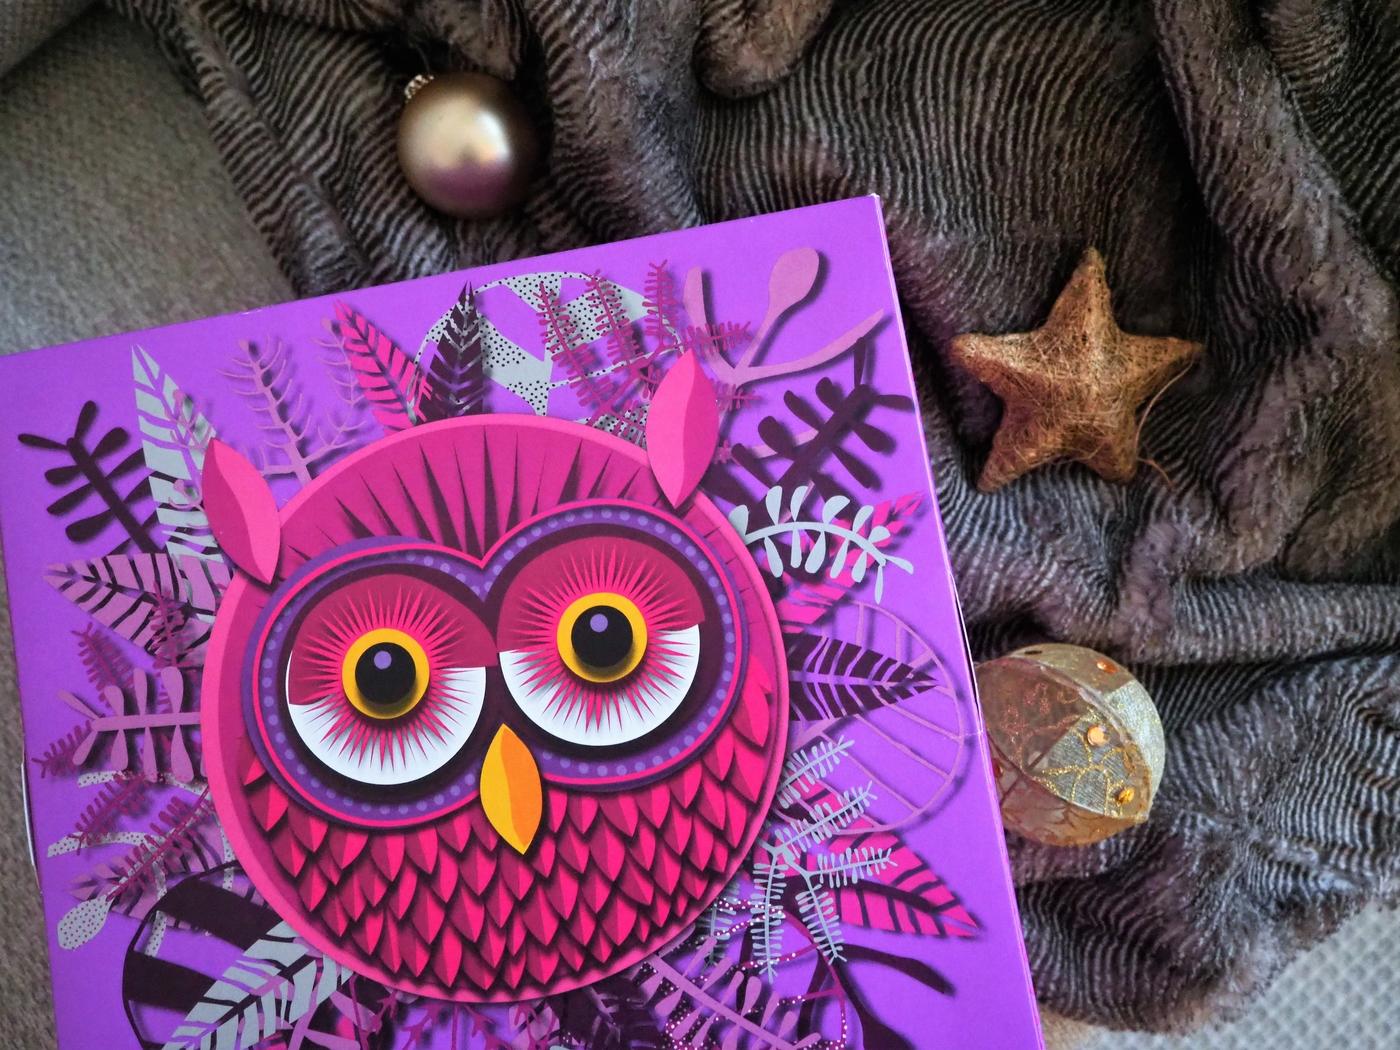 joulukalenteri unboxaus.jpg